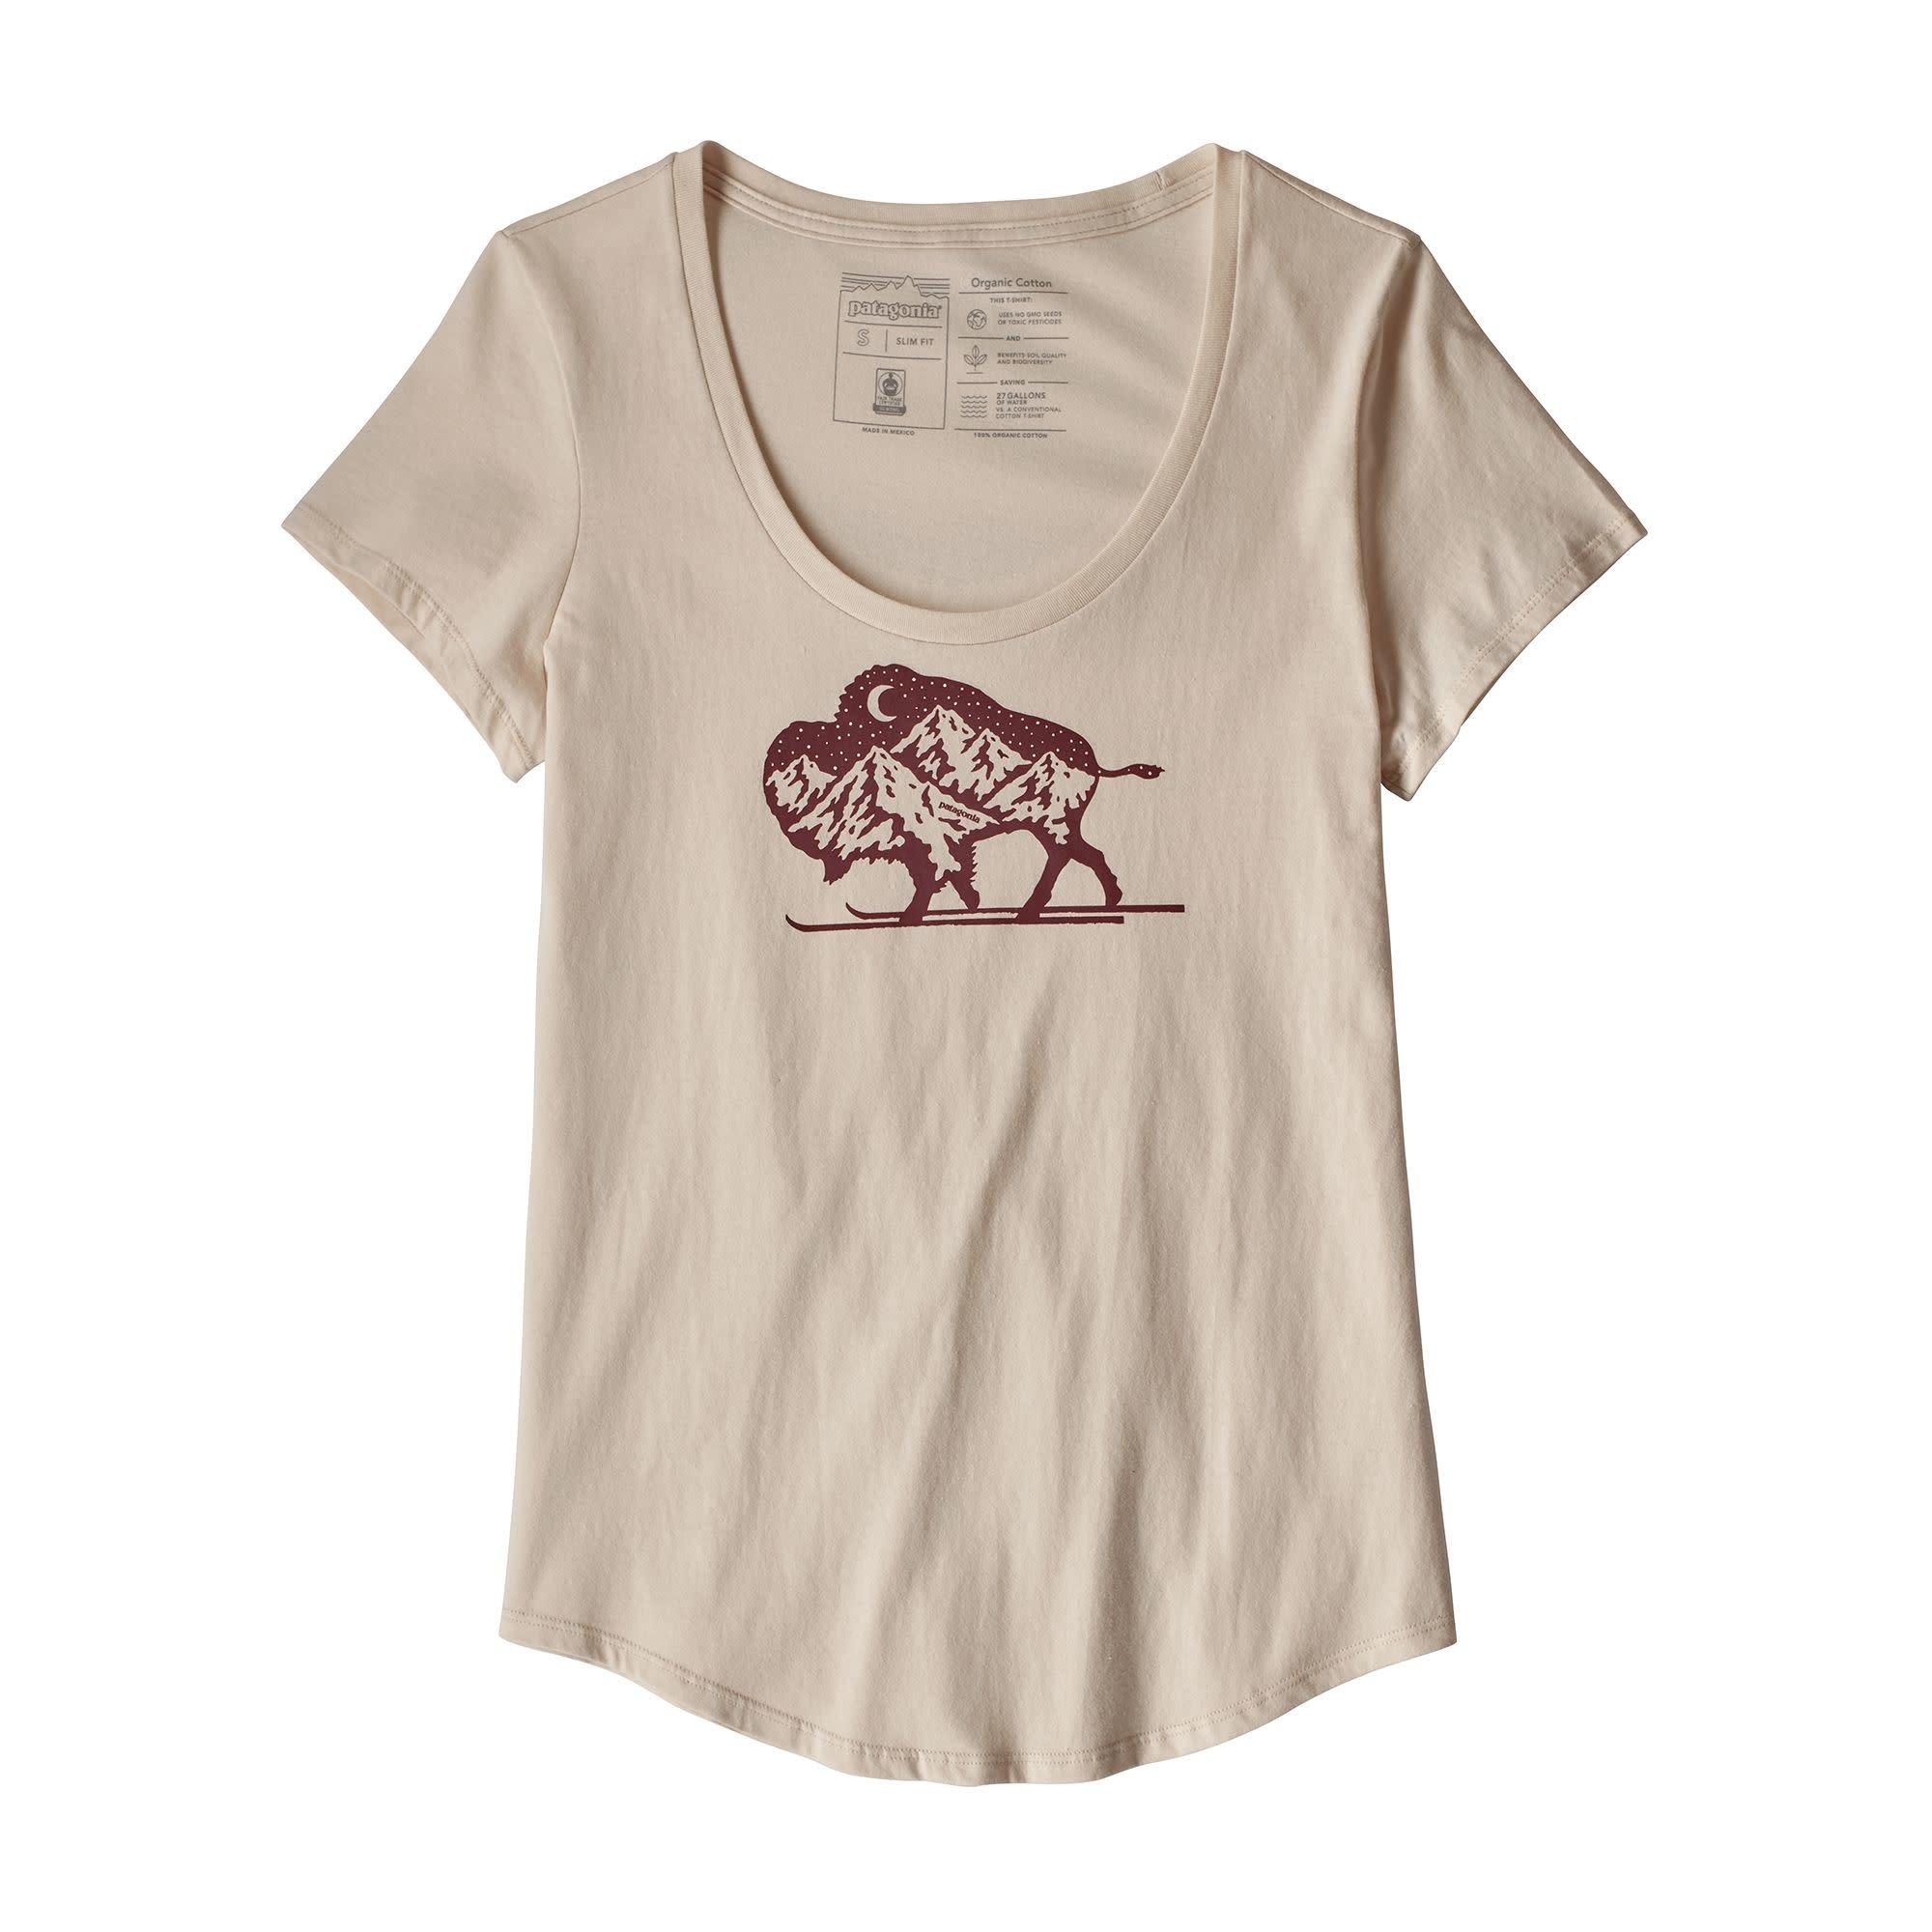 Patagonia Patagonia W's Nordic Bison Organic Scoop T-Shirt